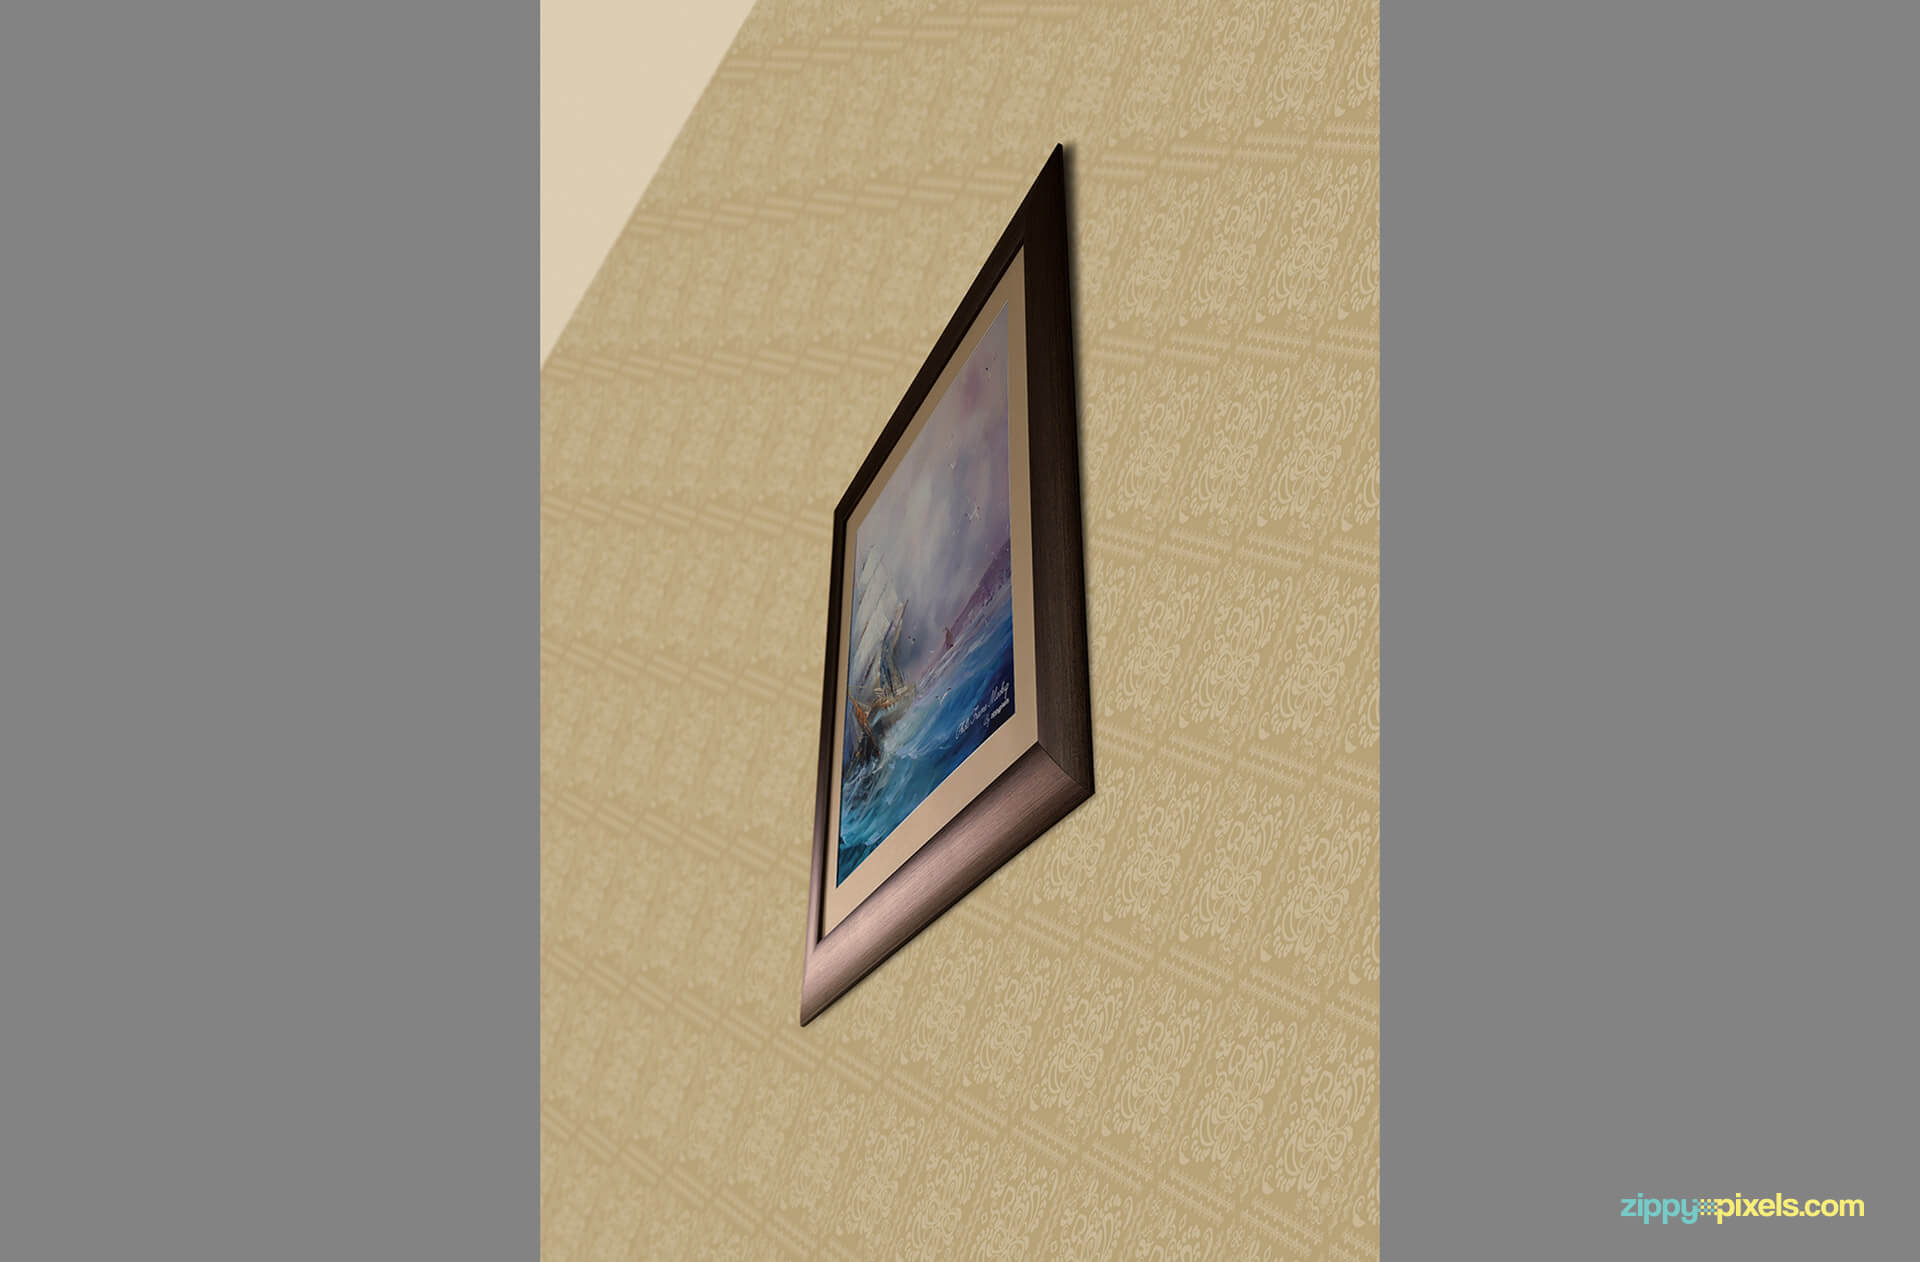 Photorealistic photo frame mockup with editable background